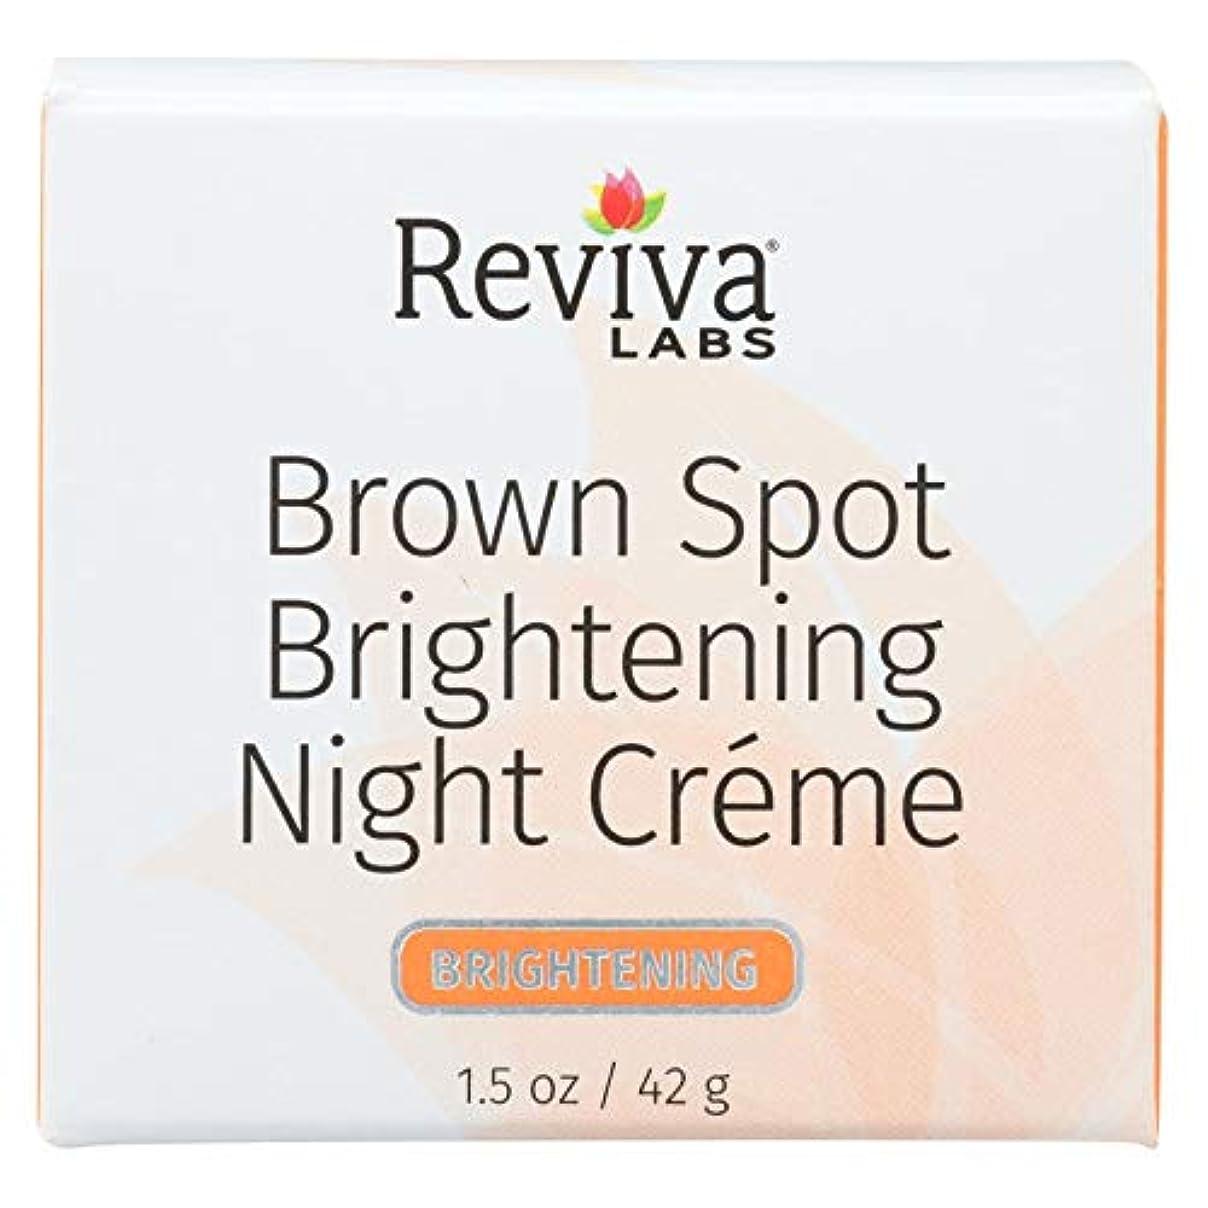 先生嫌がるどちらか[海外直送品]  ブラウン スポット ナイトクリーム 42g  ハイドロキノン2%配合